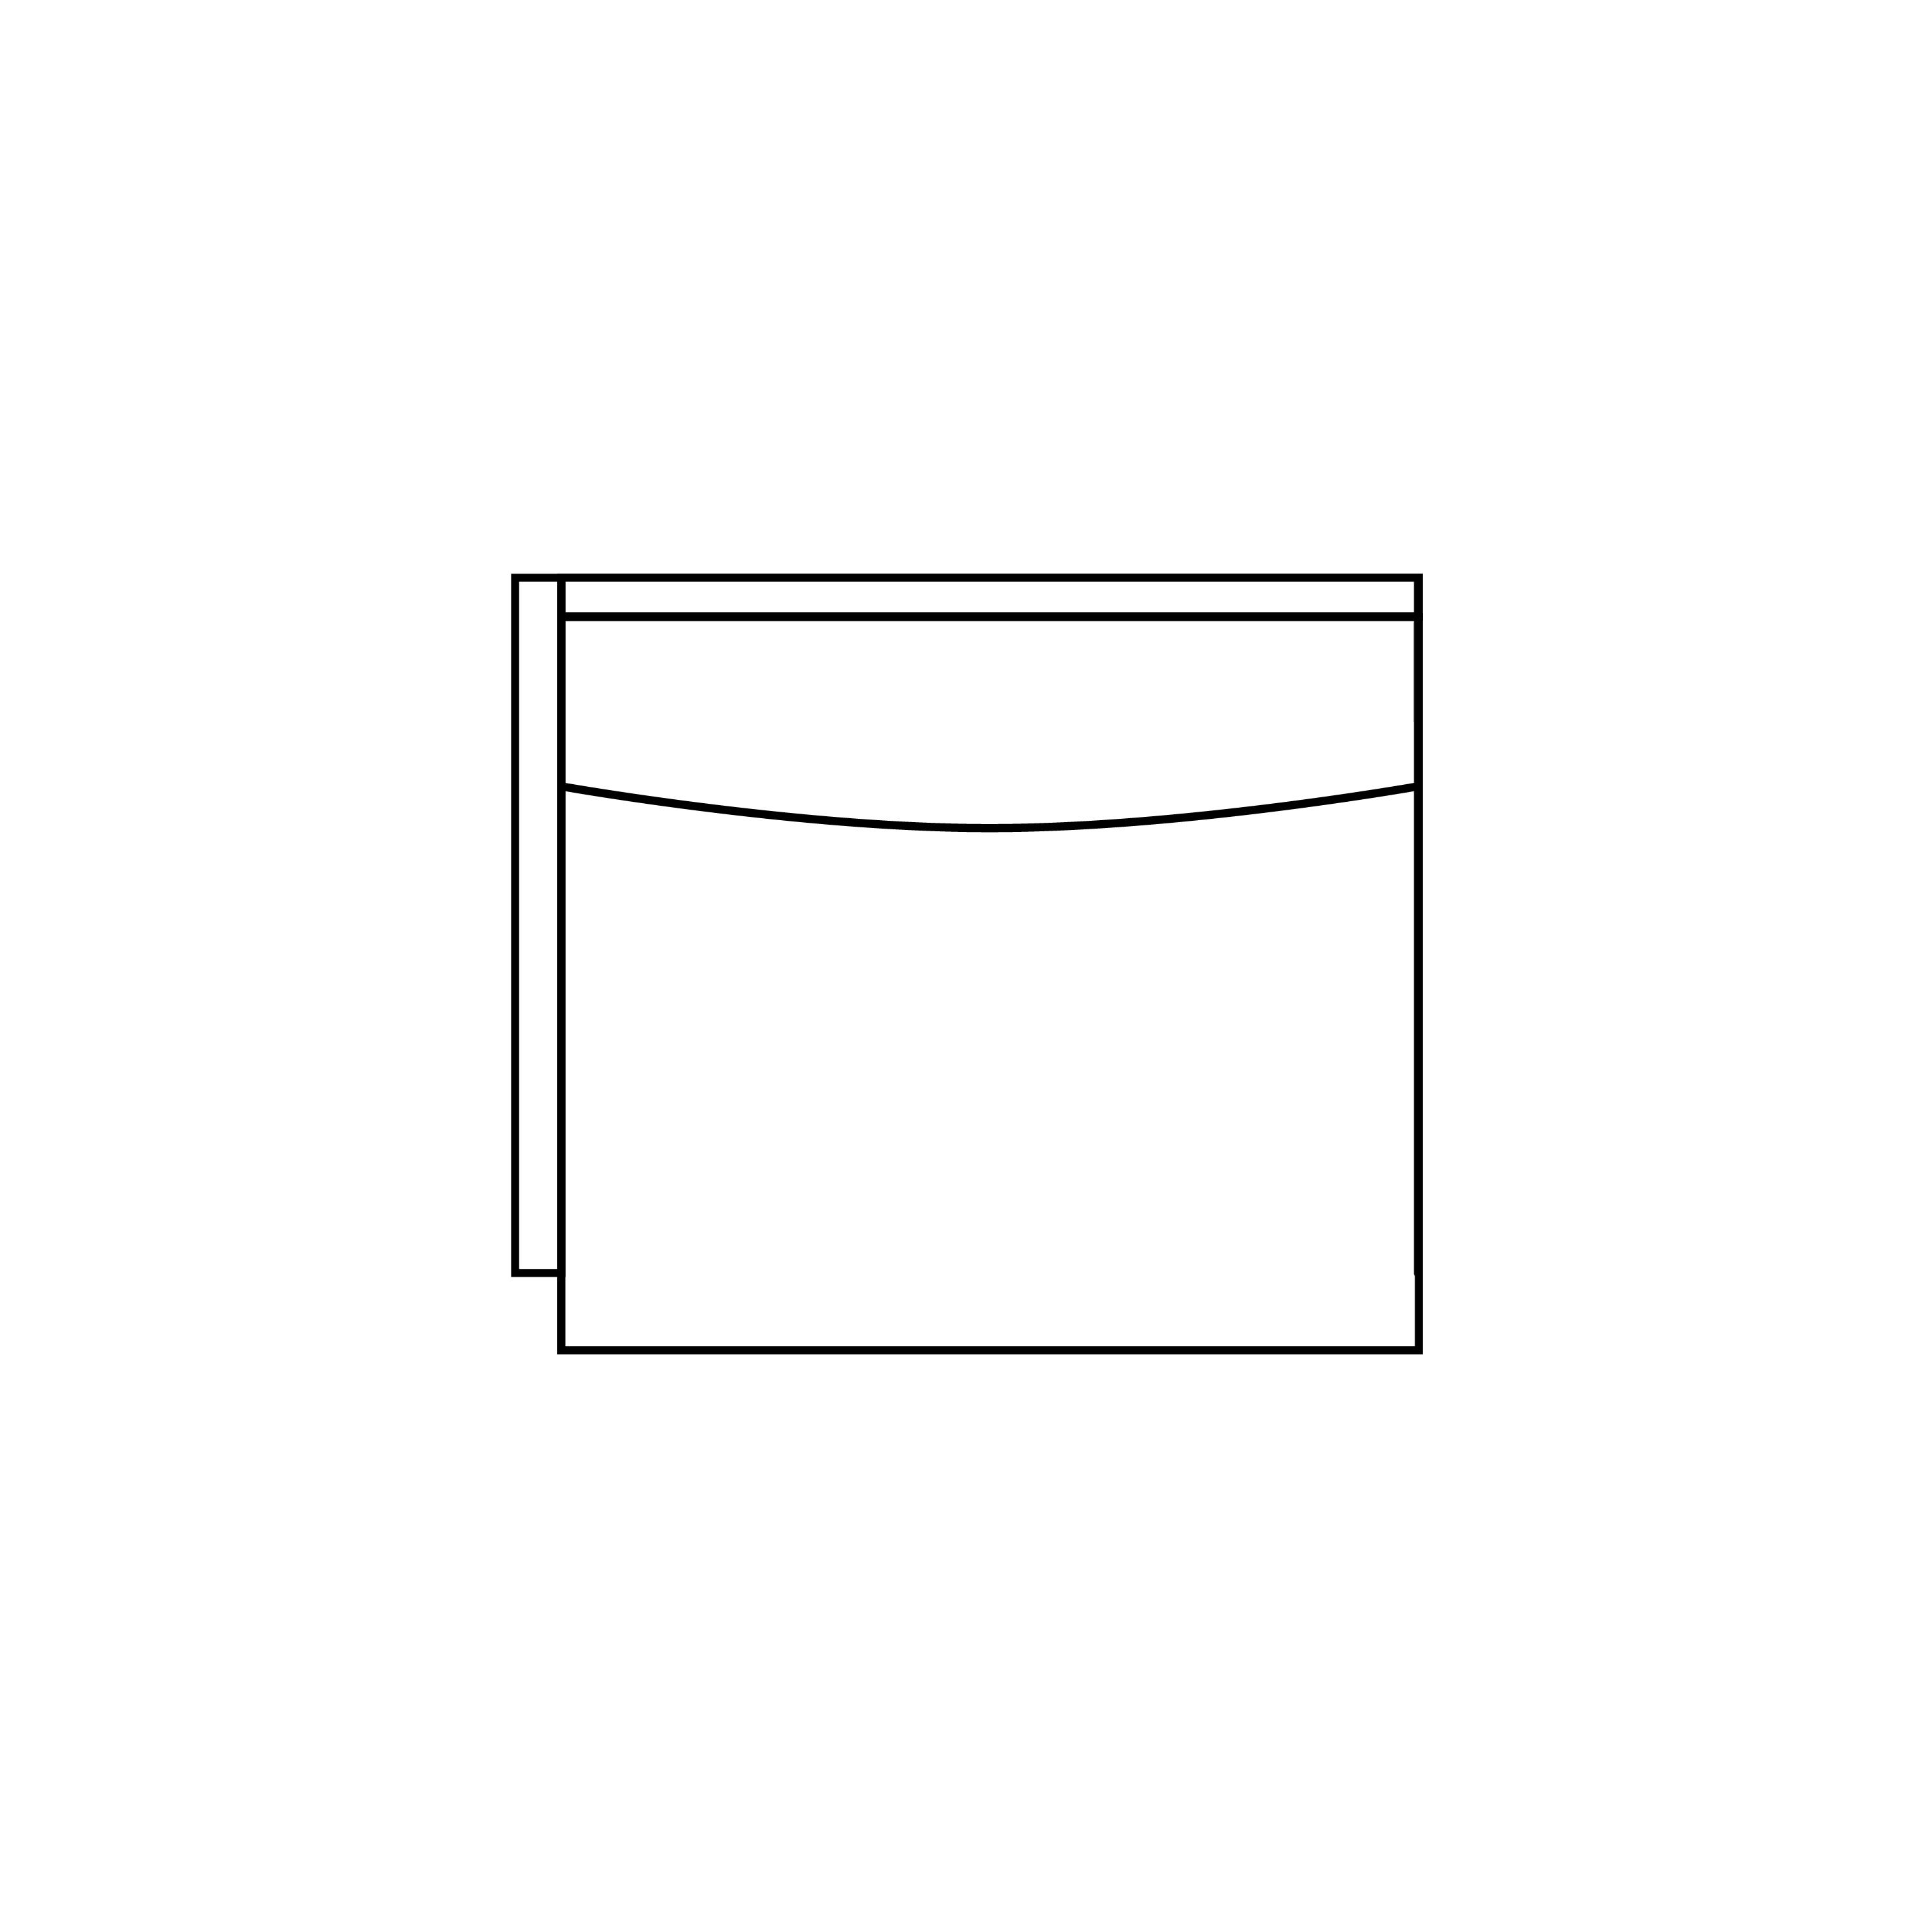 Somerville modulsoffa avslut vänster bred ritning - englesson.se